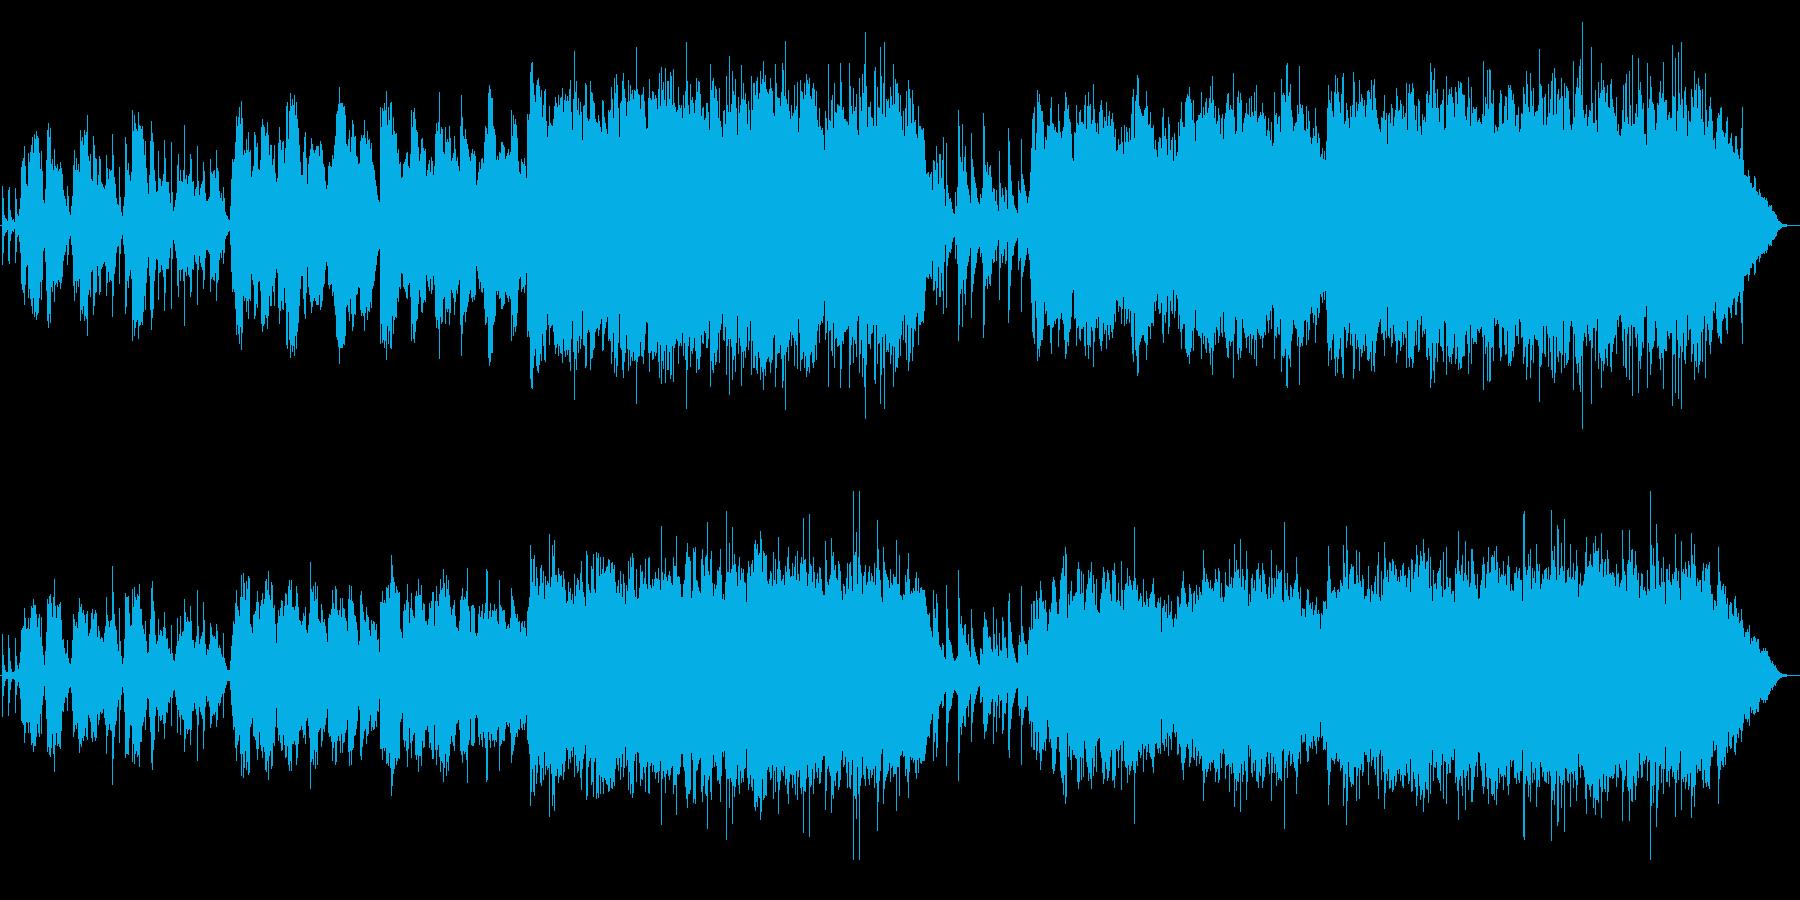 永遠にの再生済みの波形